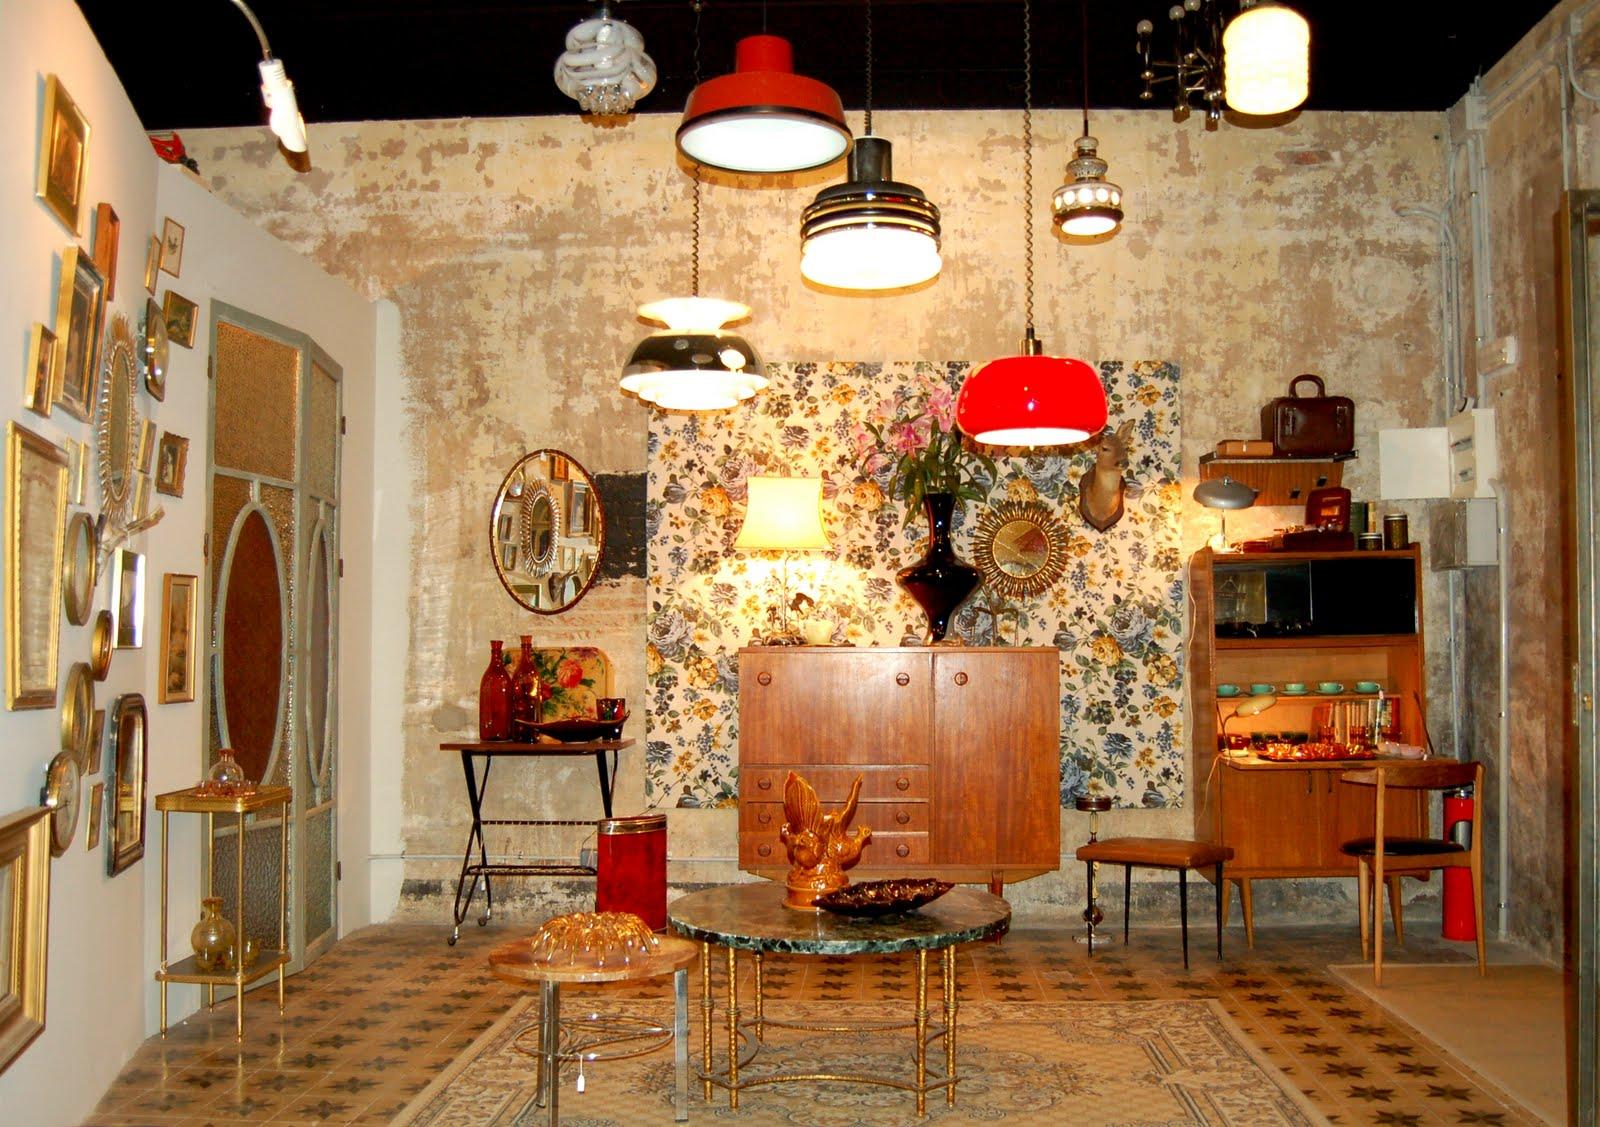 Decoracion Vintage Tienda. Perfect Tienda Decoracin Vintage With ...